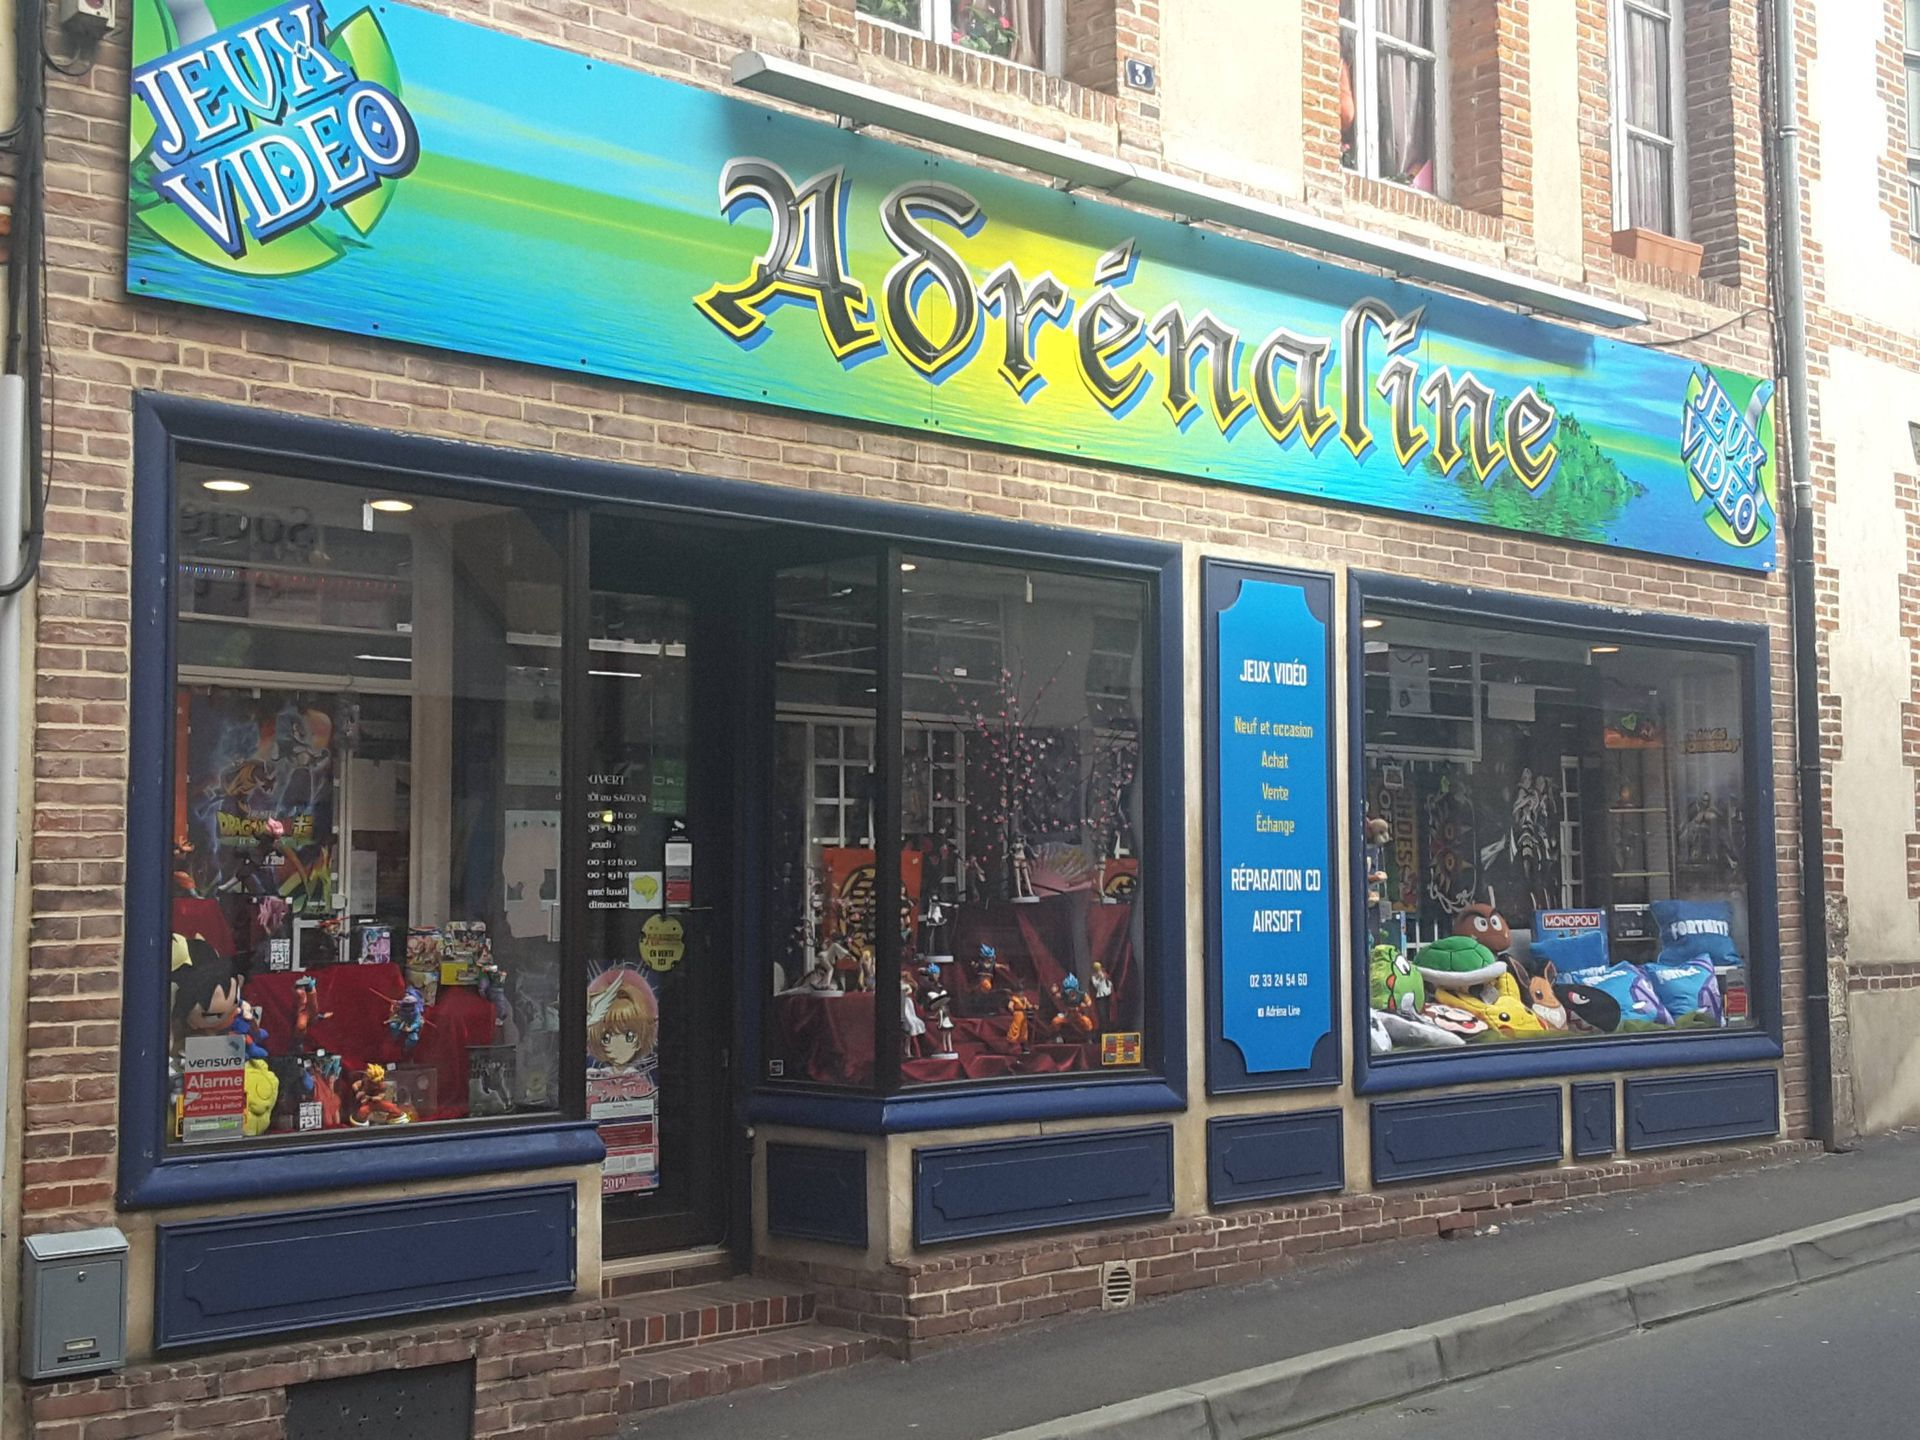 Adrenaline jeux vidéo (vente, location)